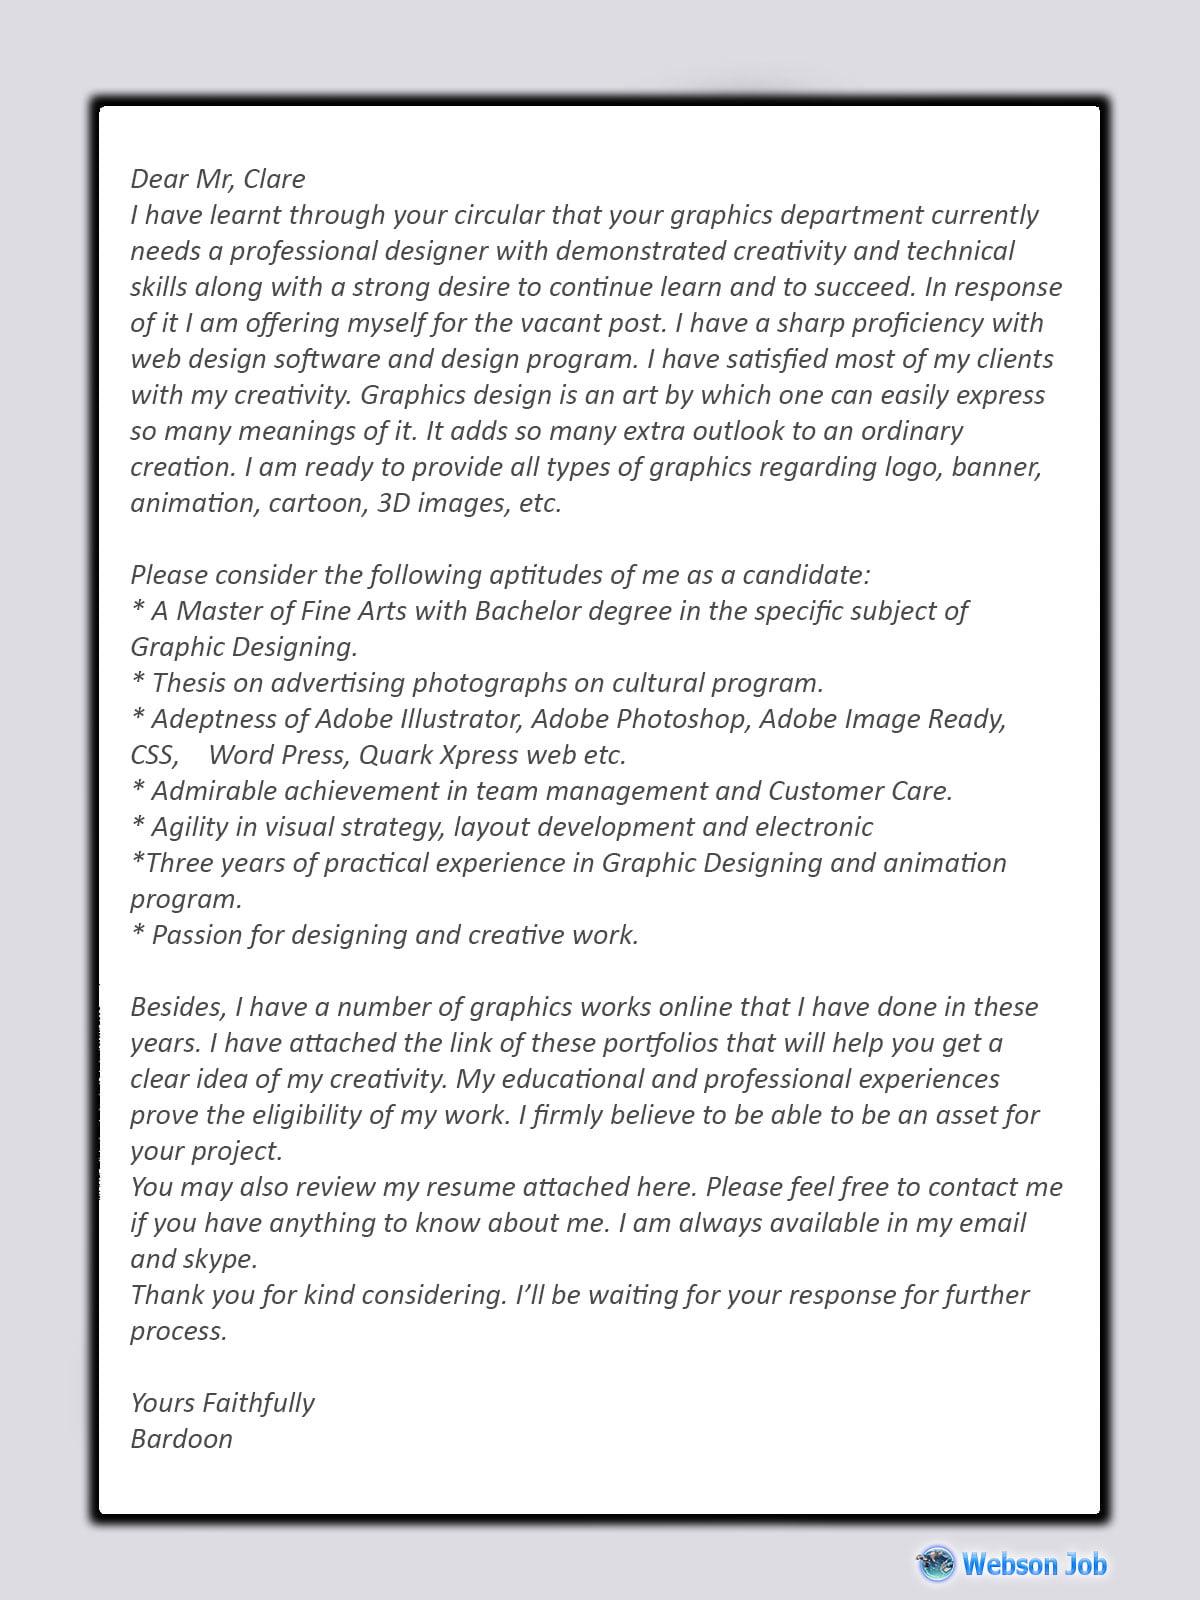 sample for cover letter for job